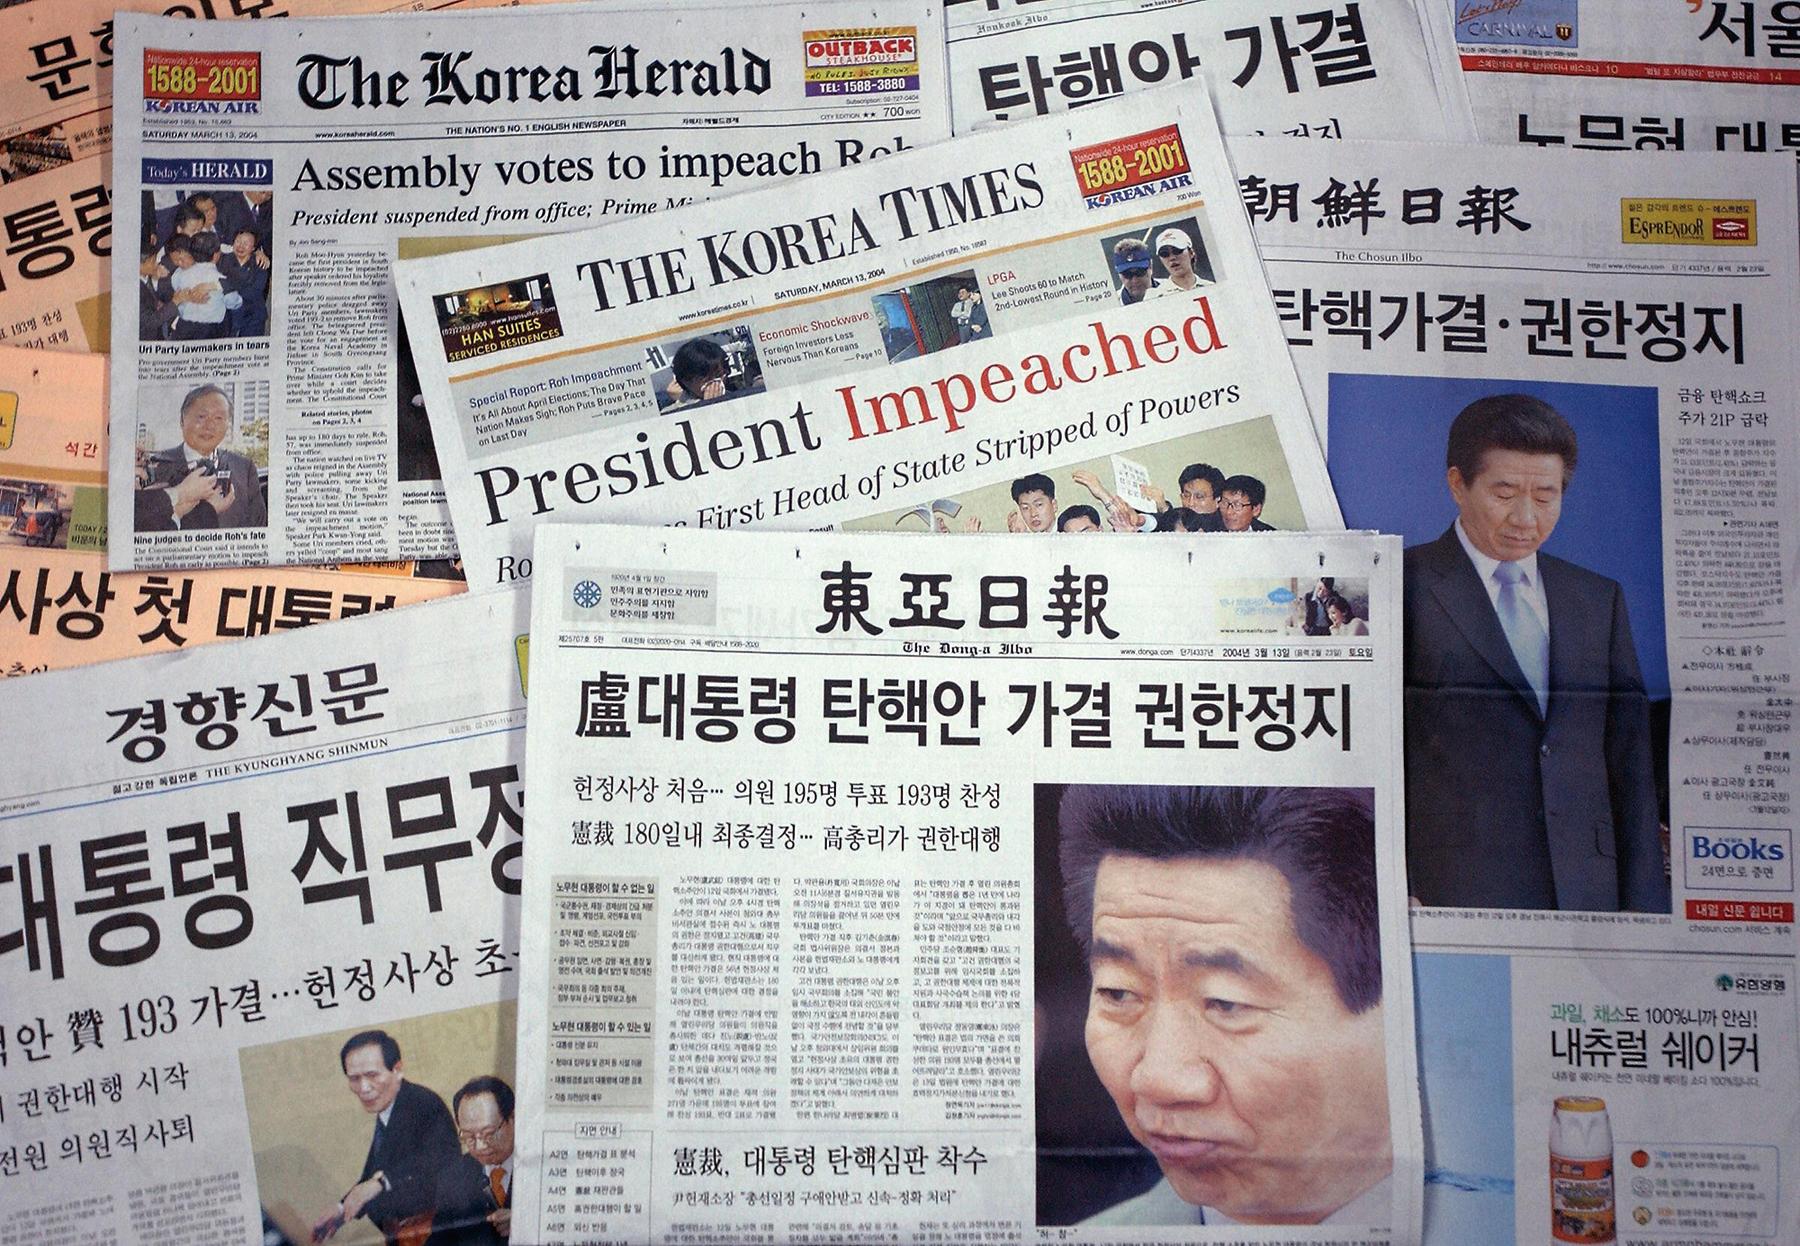 南韓歷任總統悲情命運